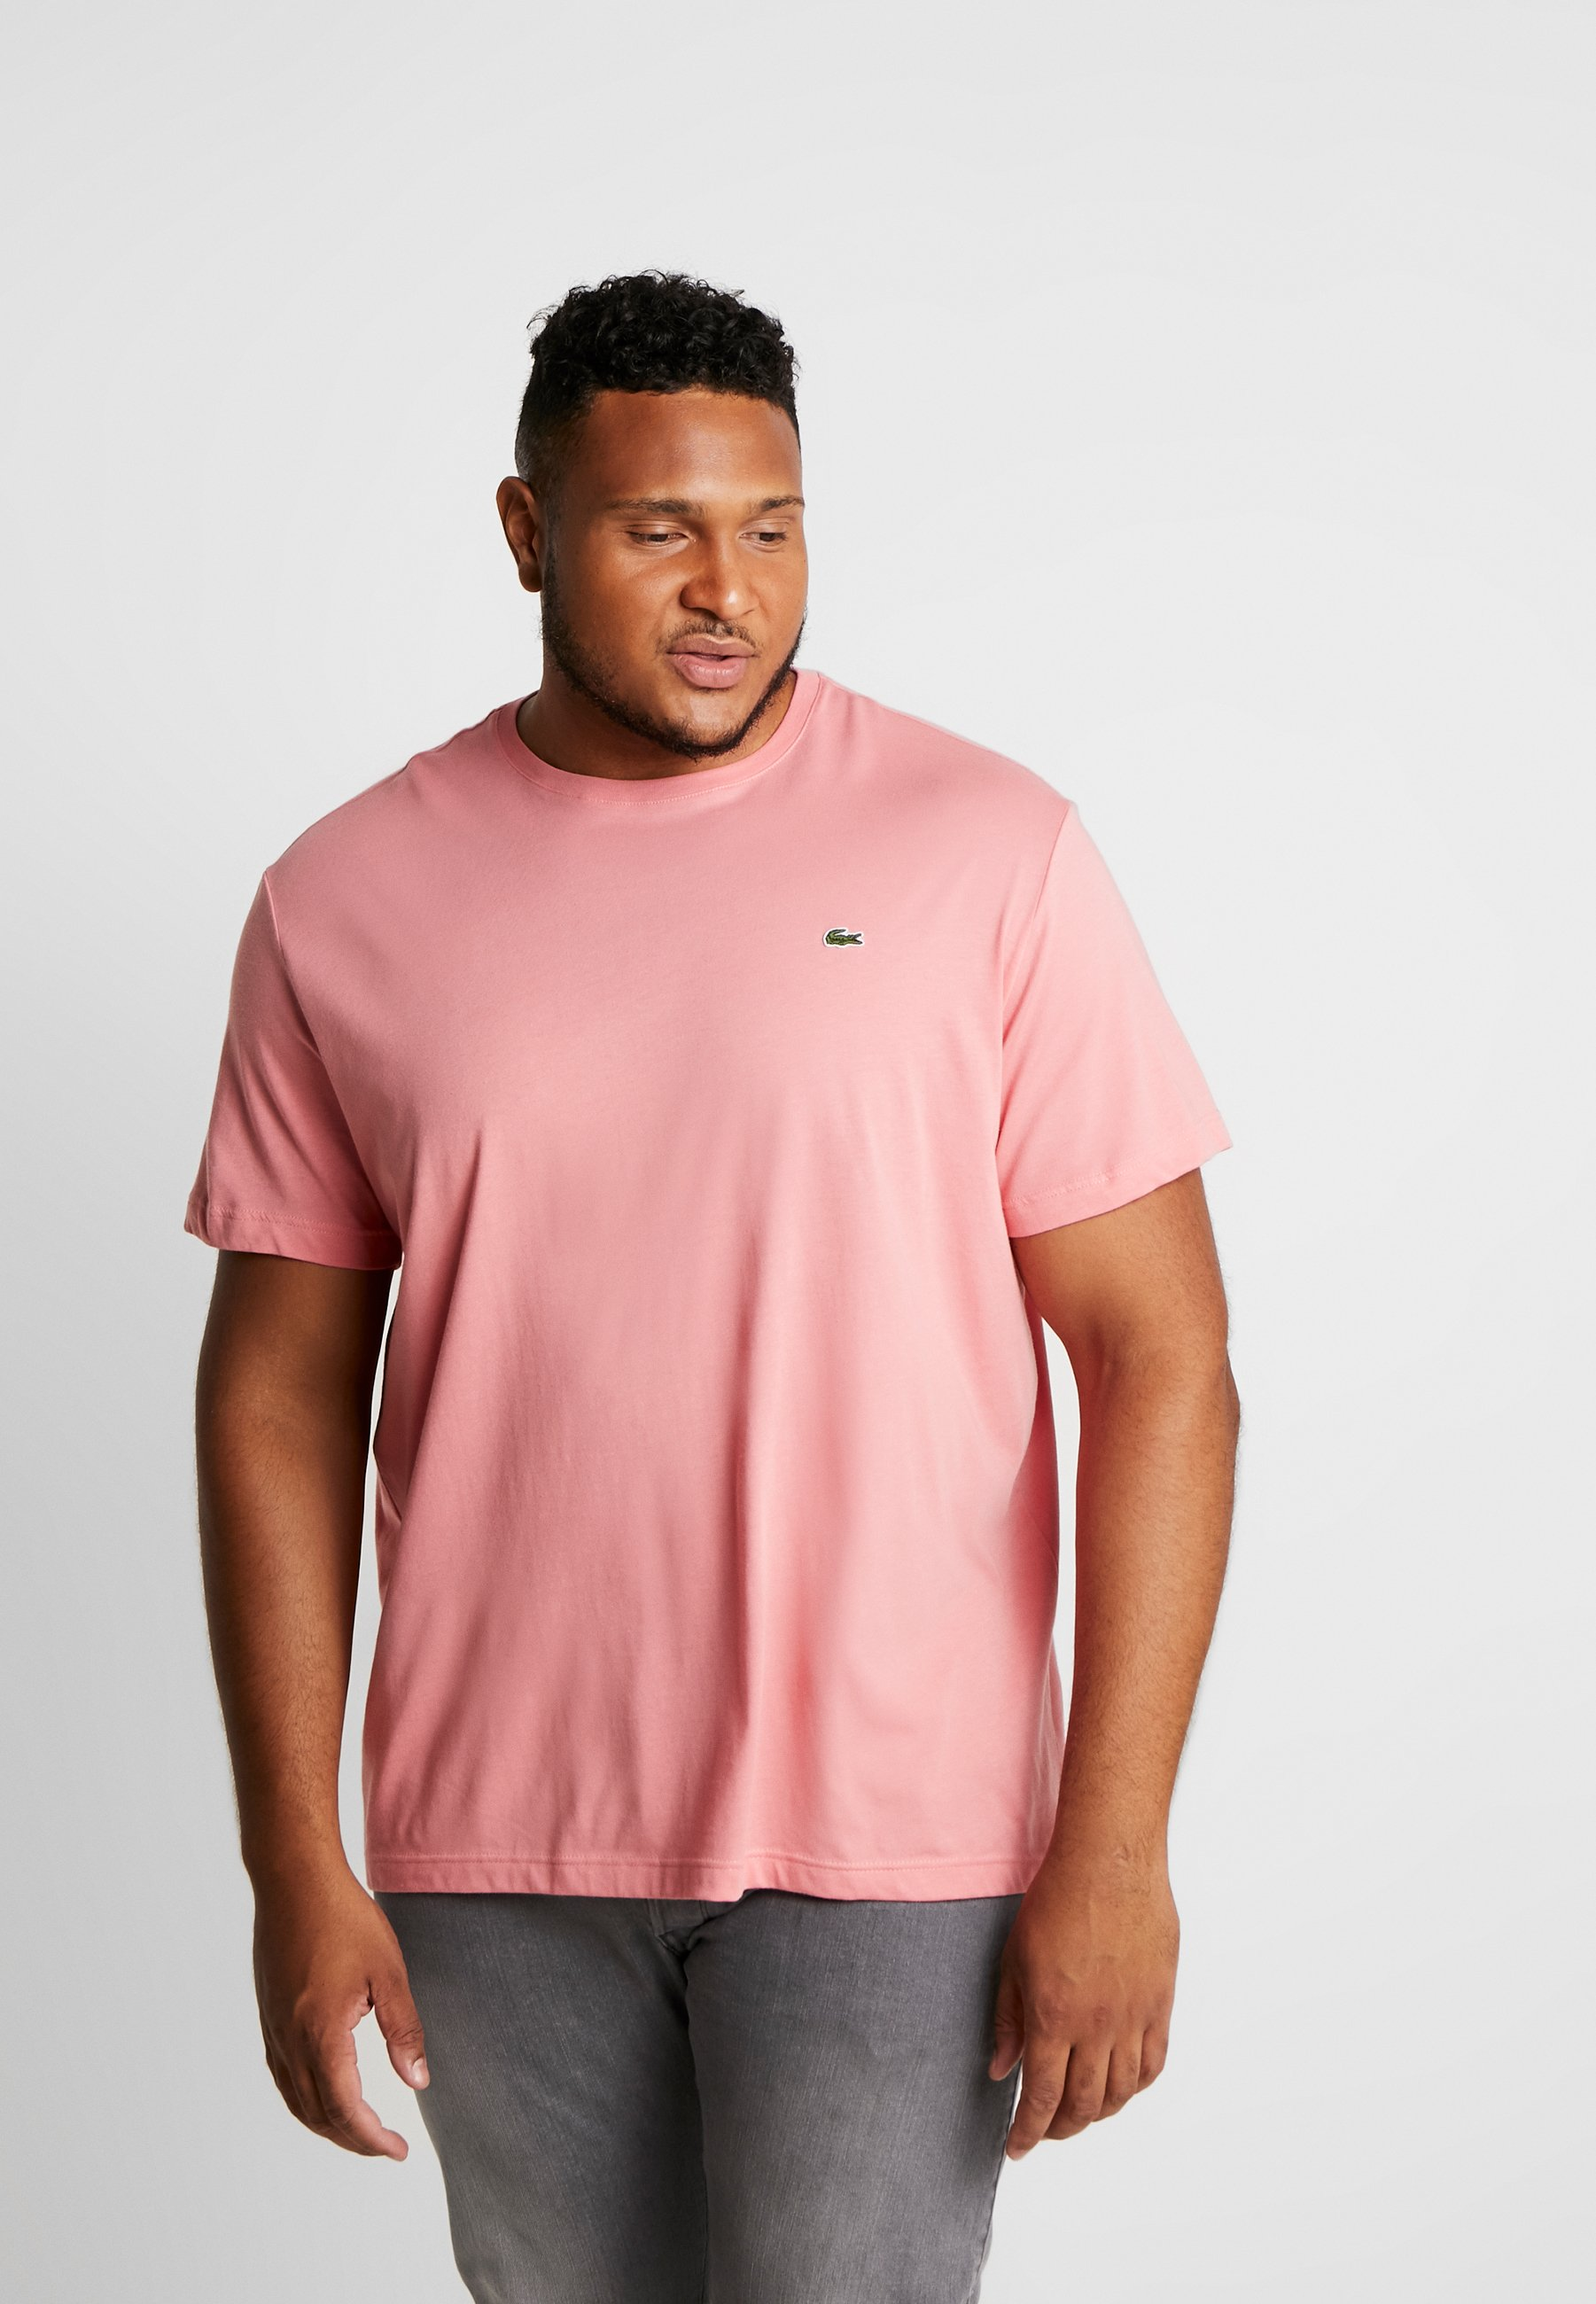 SizeT Basique Pink Plus shirt Lacoste TKc135lFJu